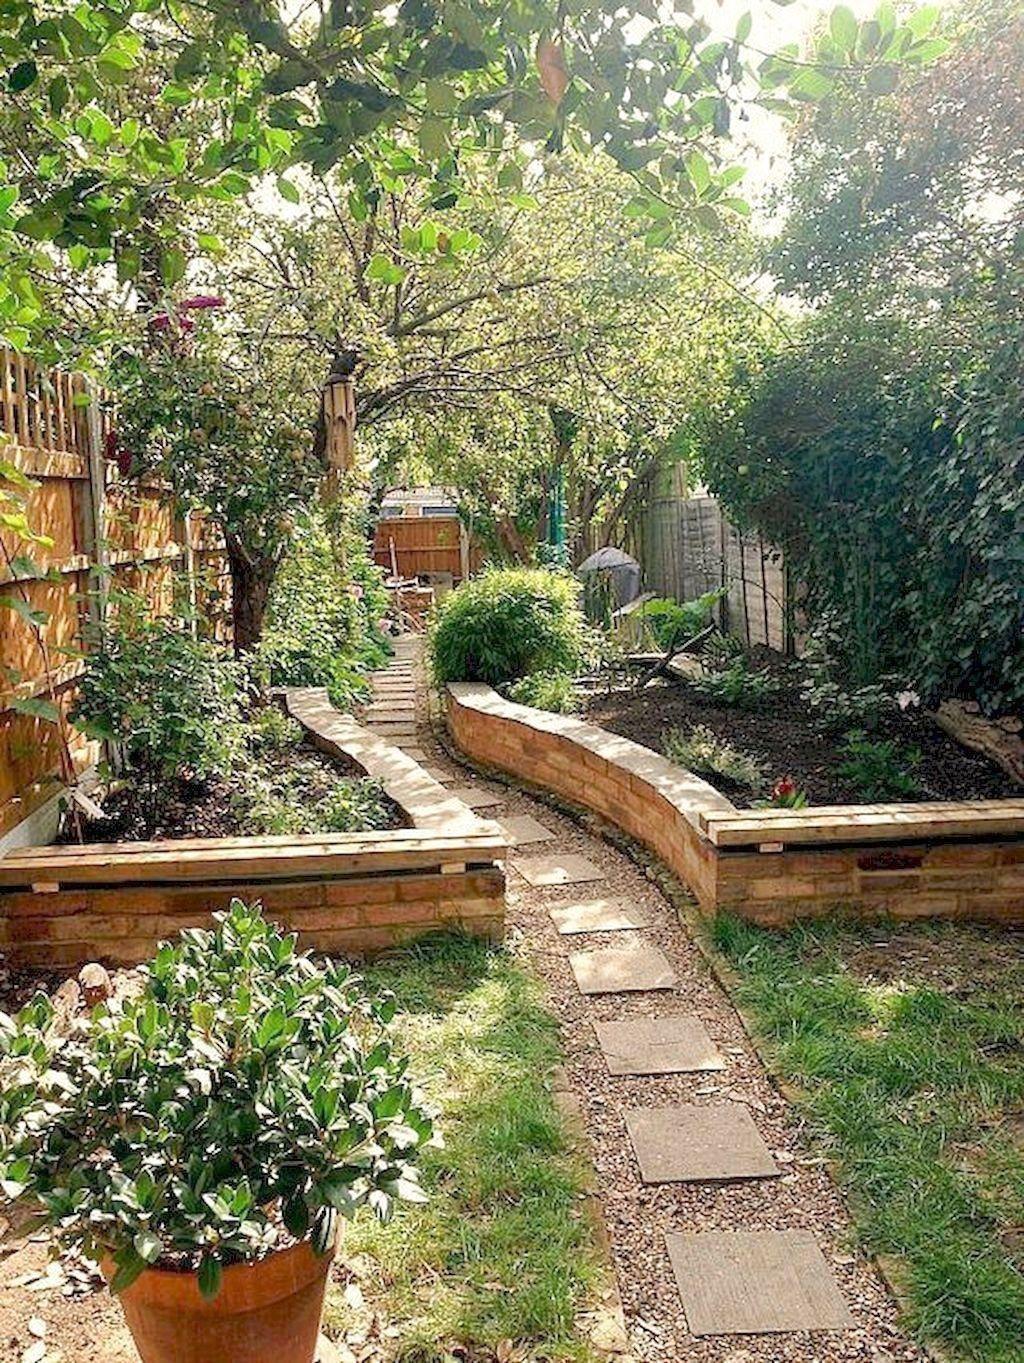 Kleine Garten Design Ideen Wartungsarm Kleine Garten Design Ideen W In 2020 Home Vegetable Garden Design Garden Bed Layout Small Garden Design Ideas Low Maintenance